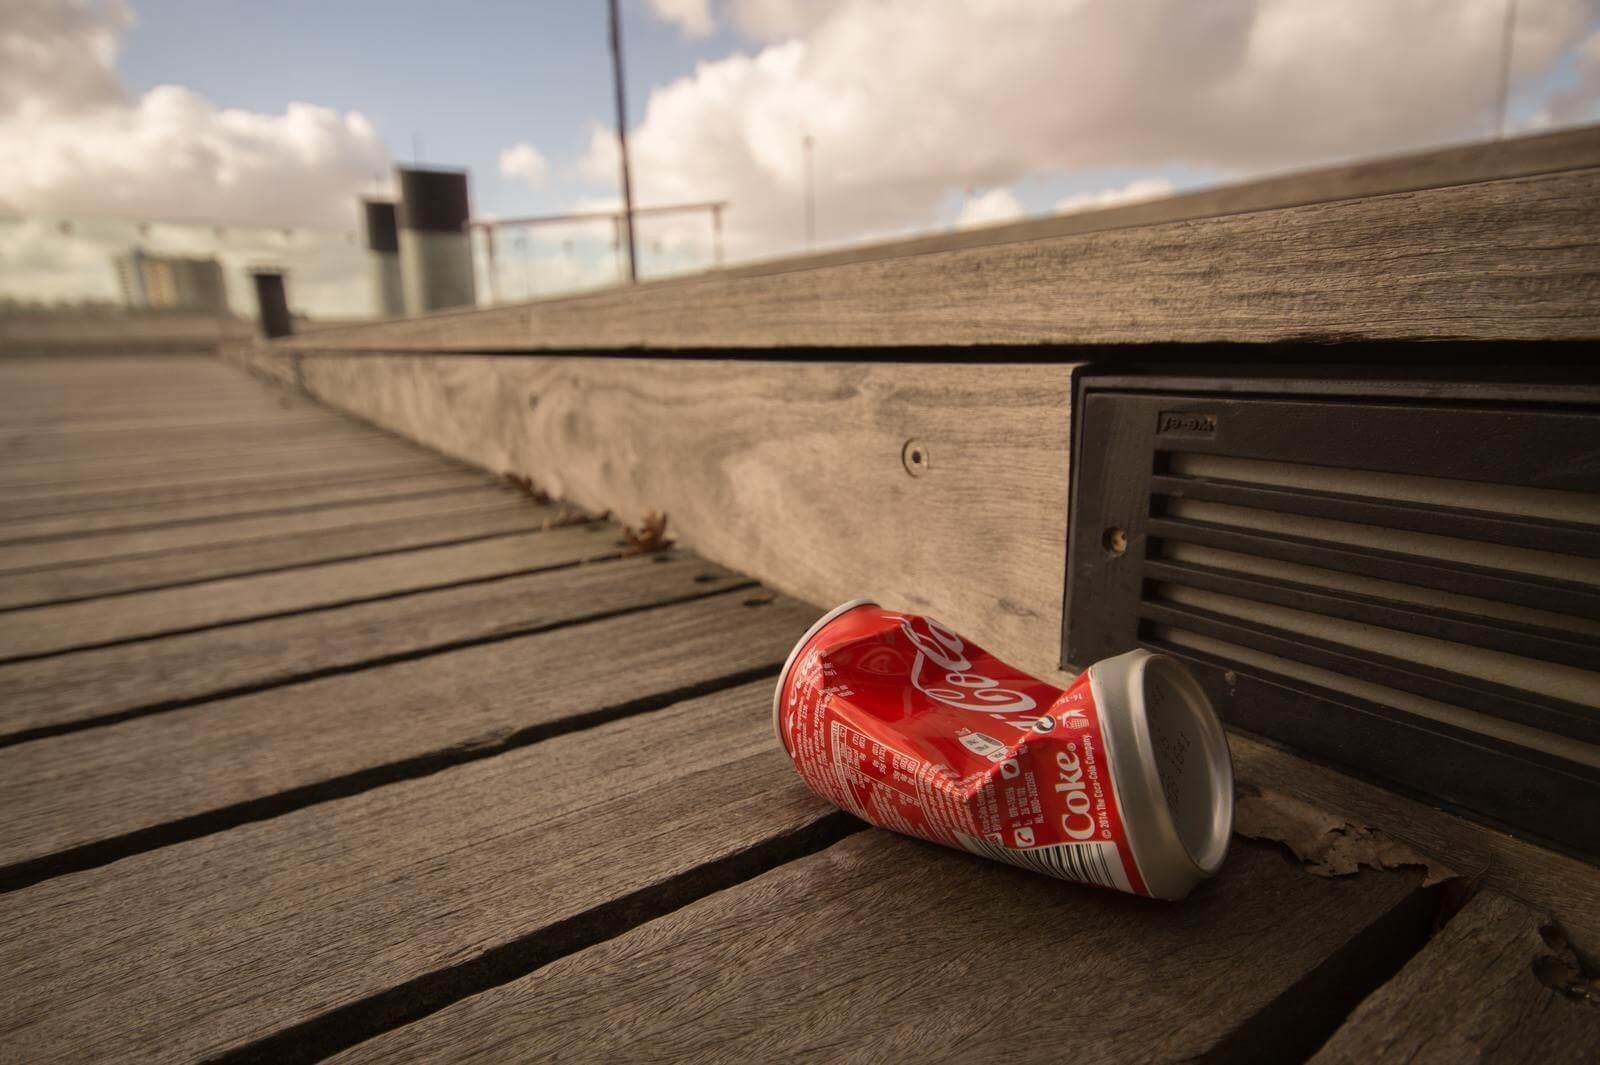 empty soda can trash